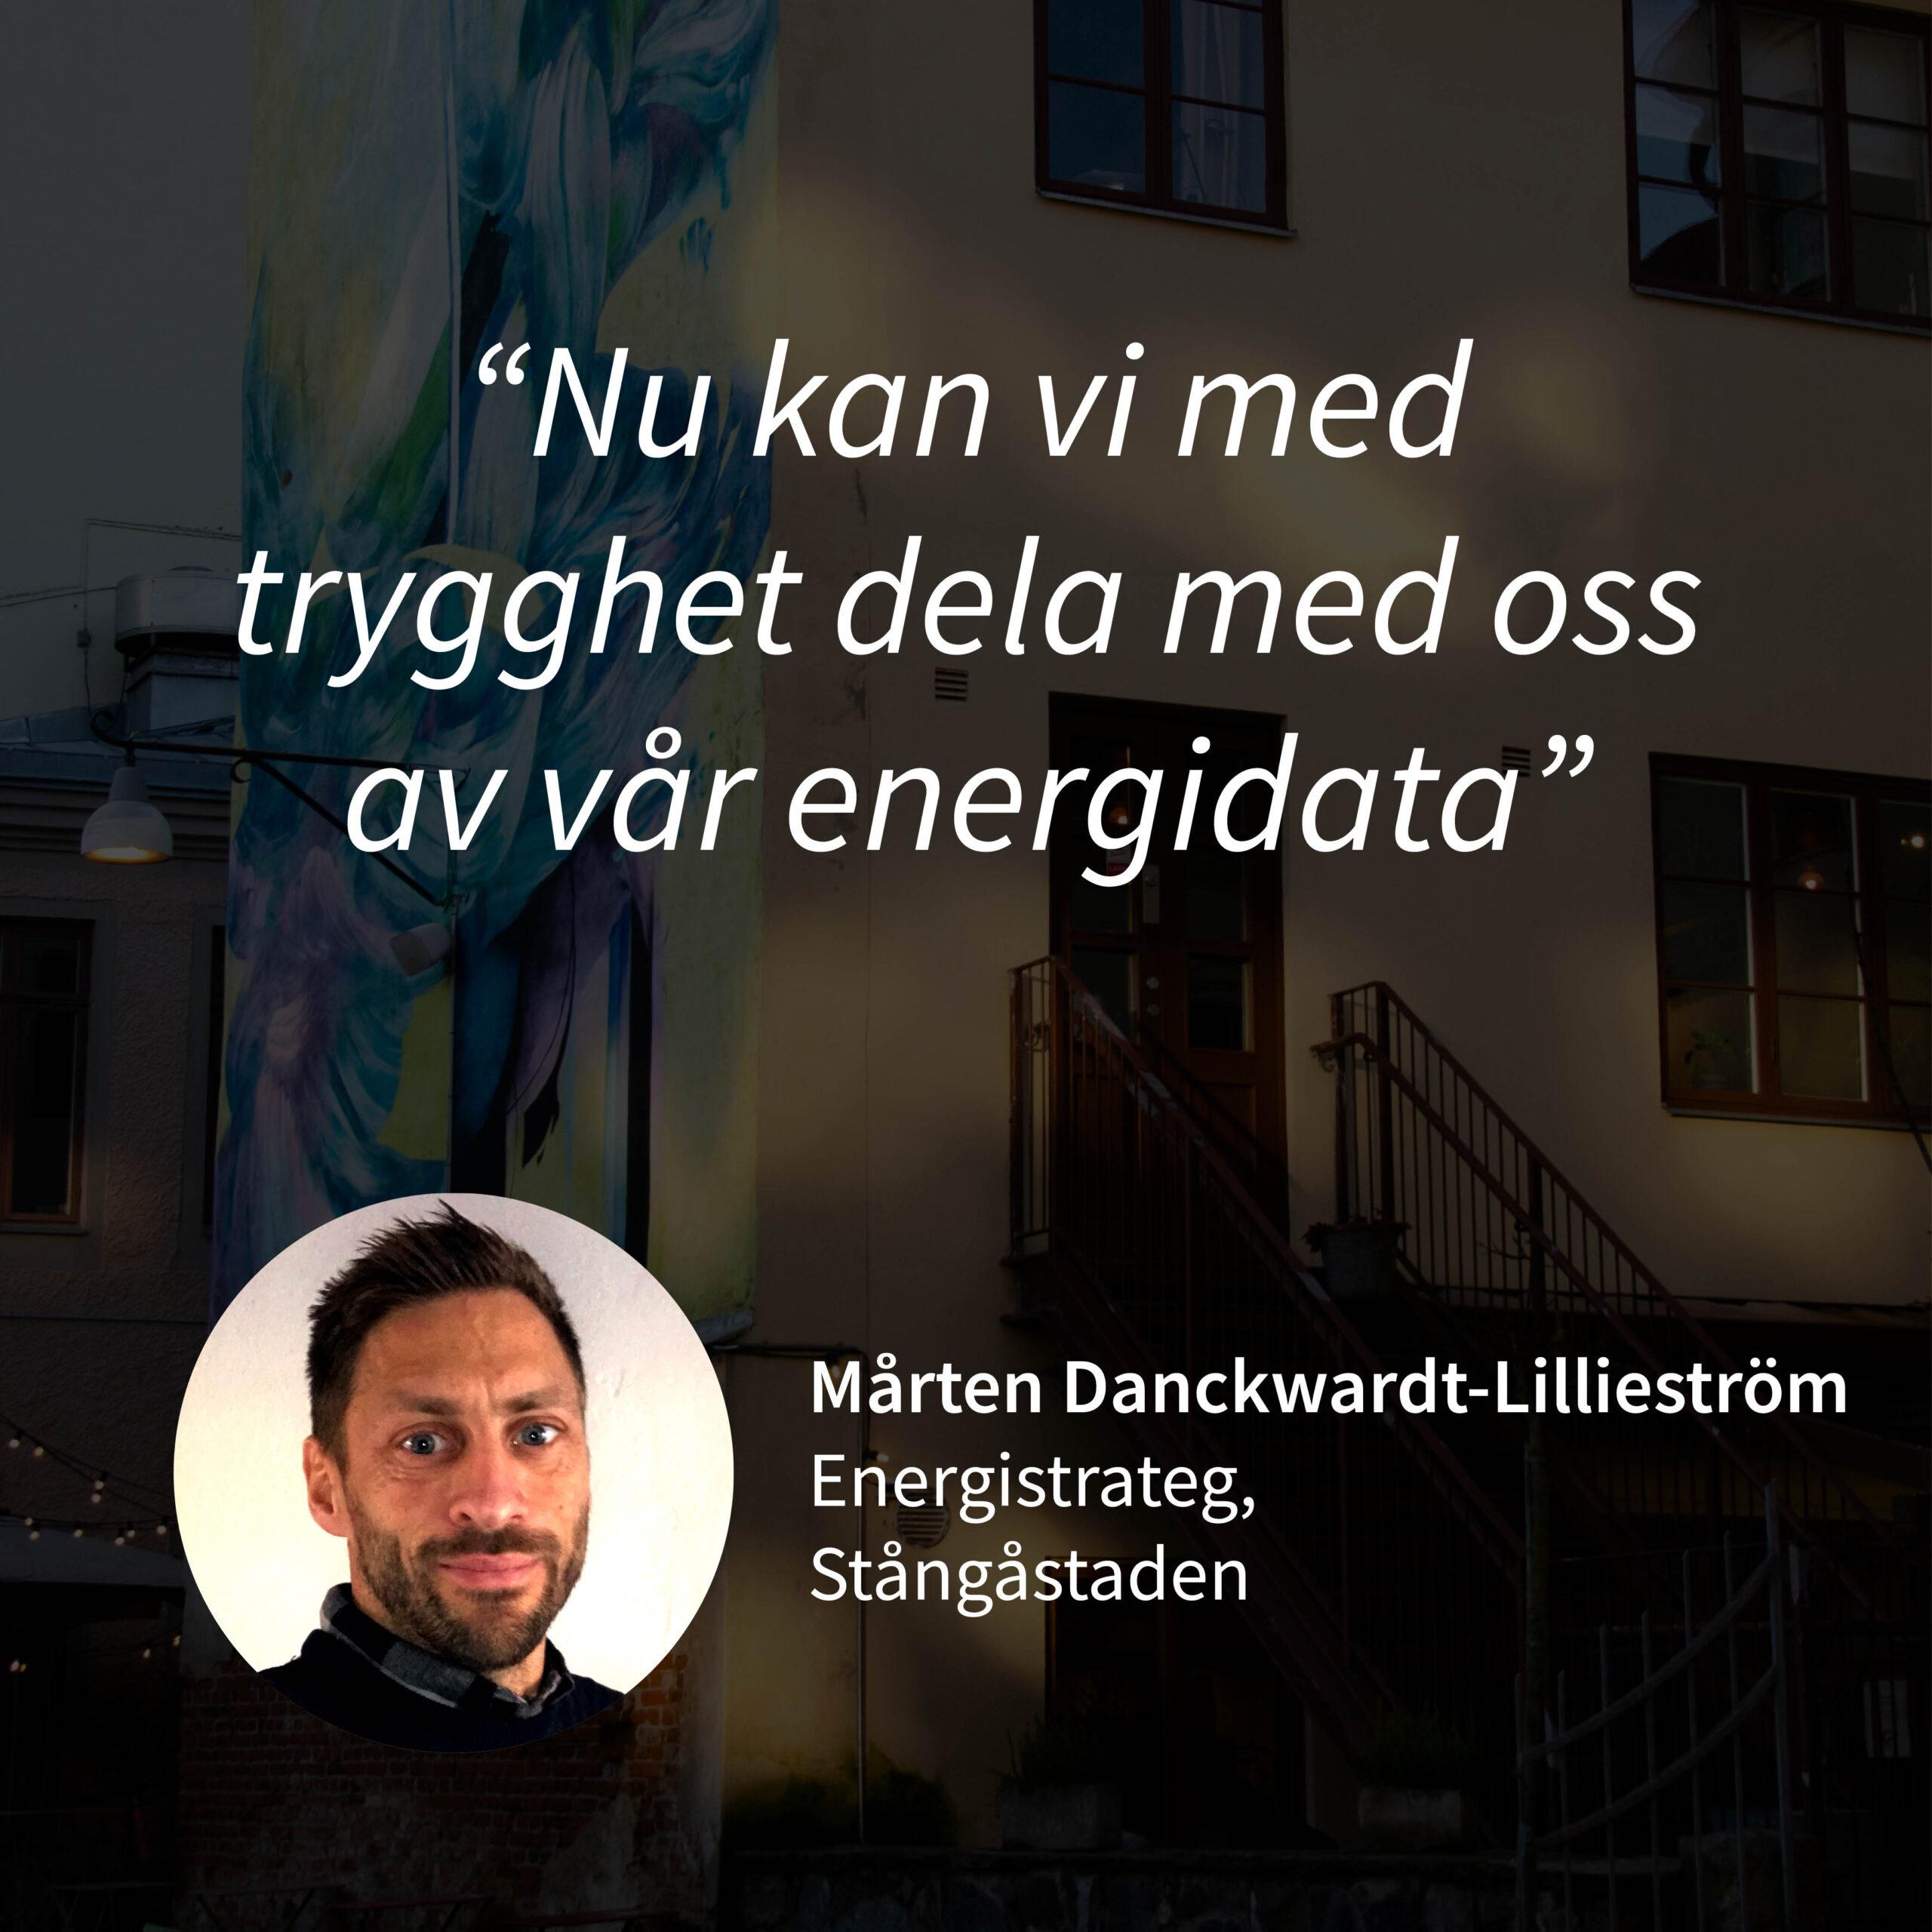 Kundcase Mårten Danckwardt-Lillieström Stångåstaden